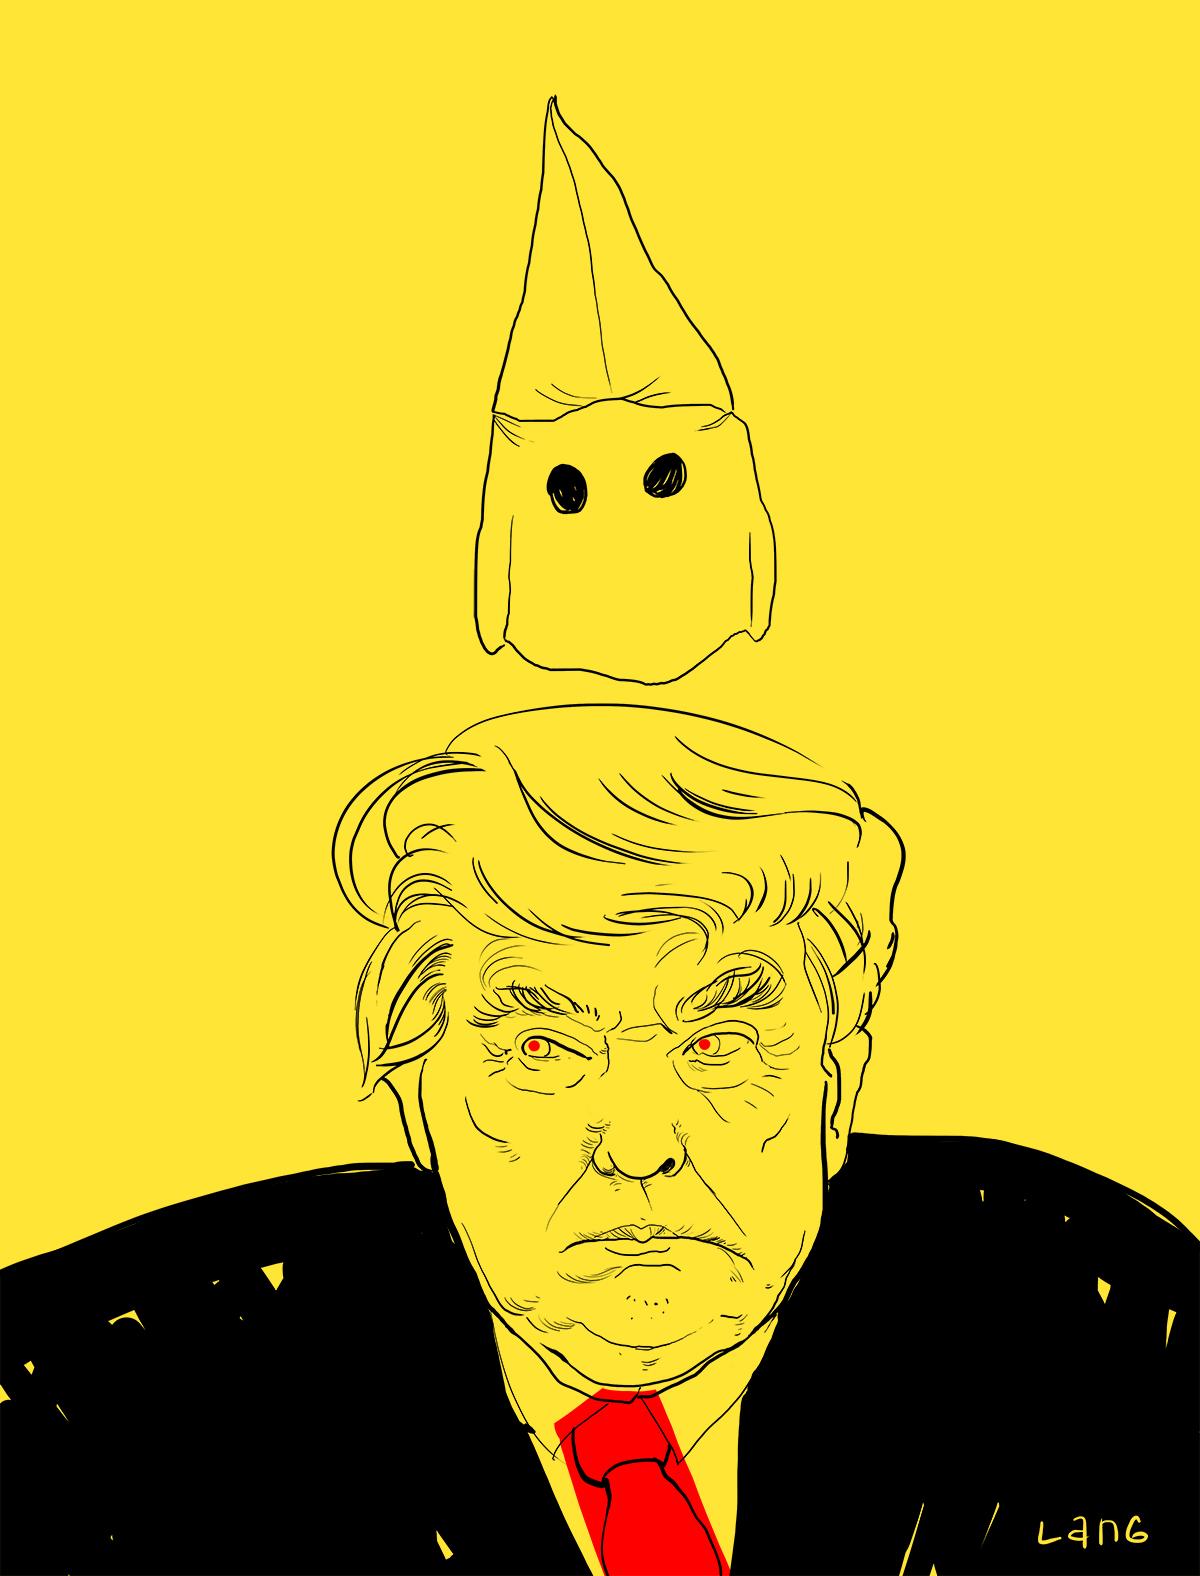 Lang_Trump_hood.jpg